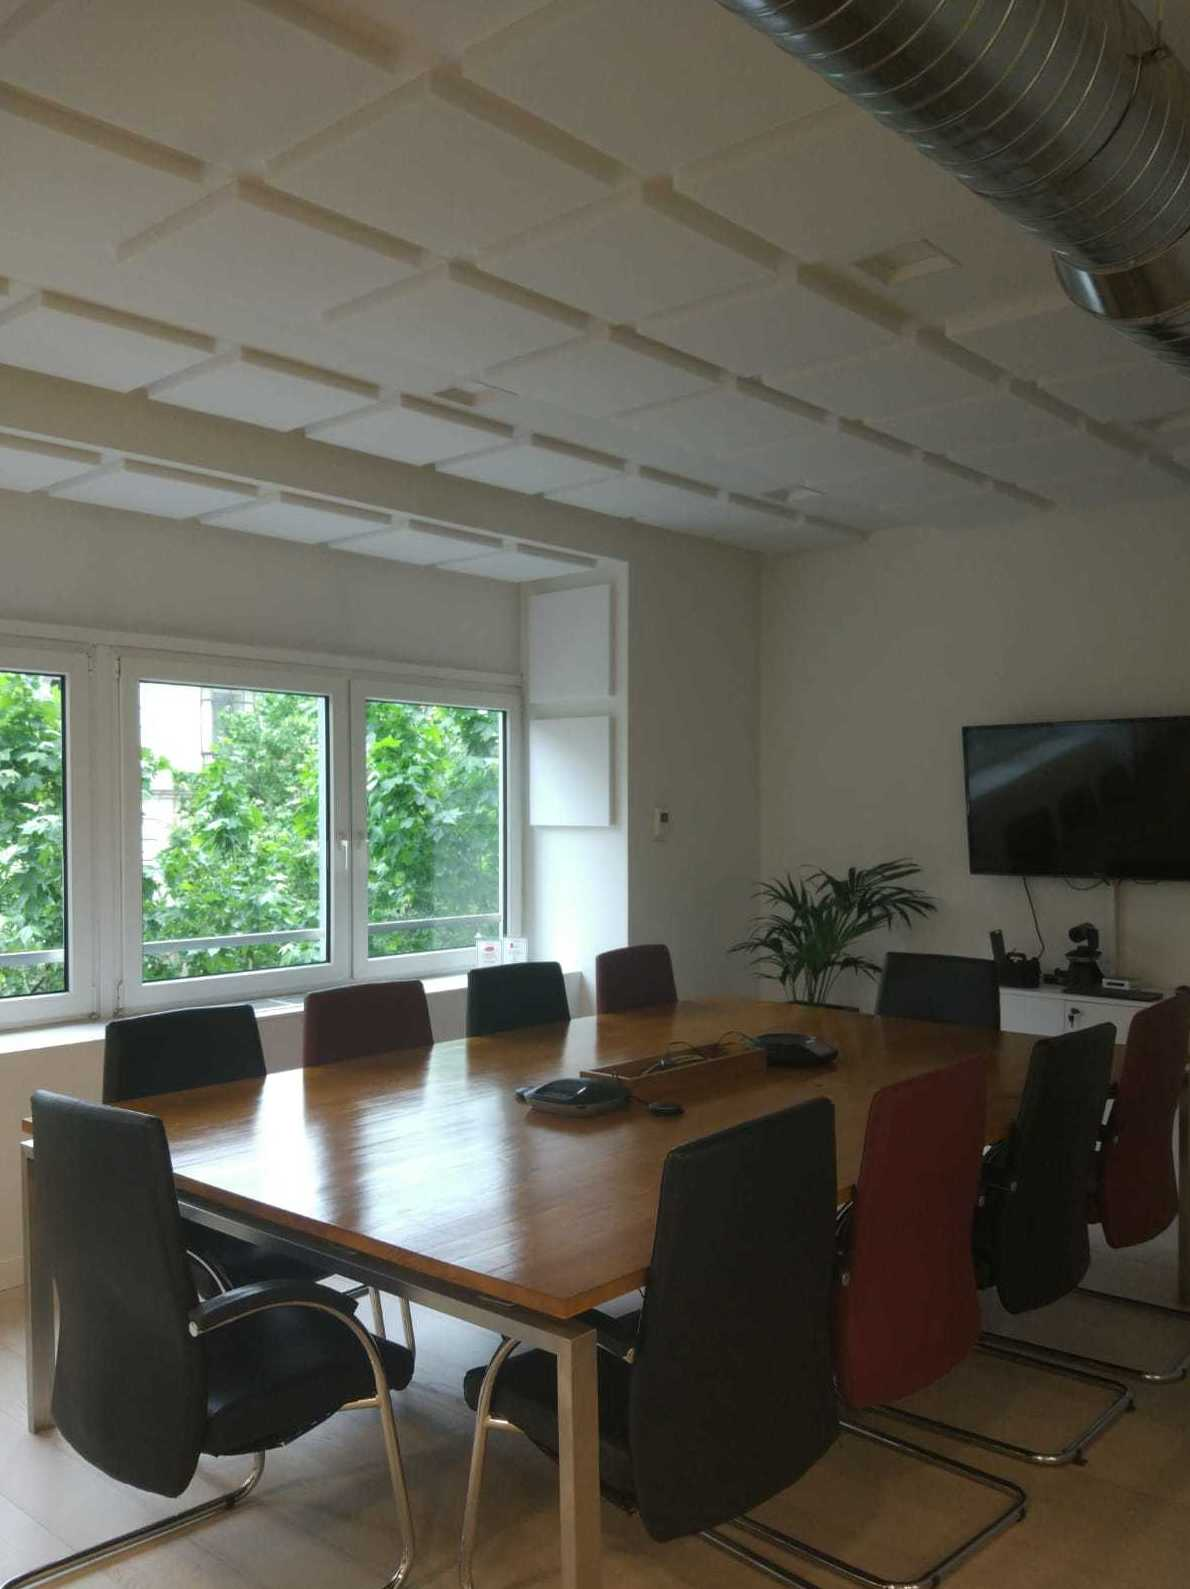 Foto 2 de Aislamientos acústicos en Madrid | Innovacústica